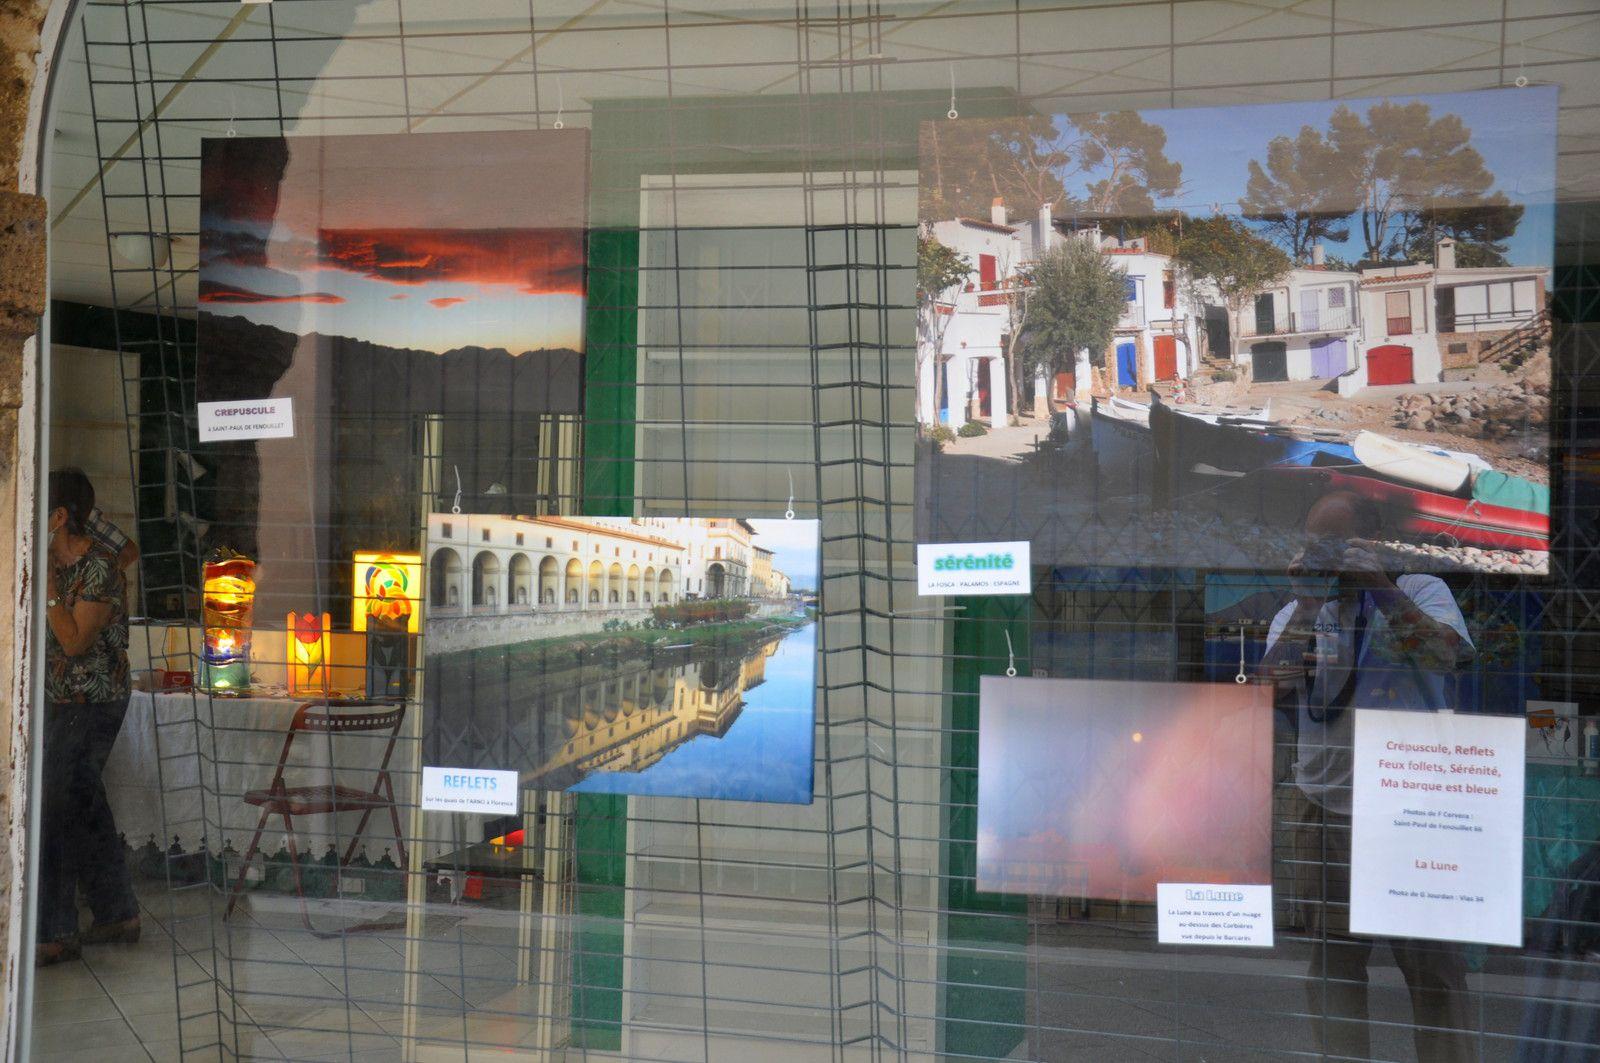 Exposition dans une salle avec peinture et vitraux.